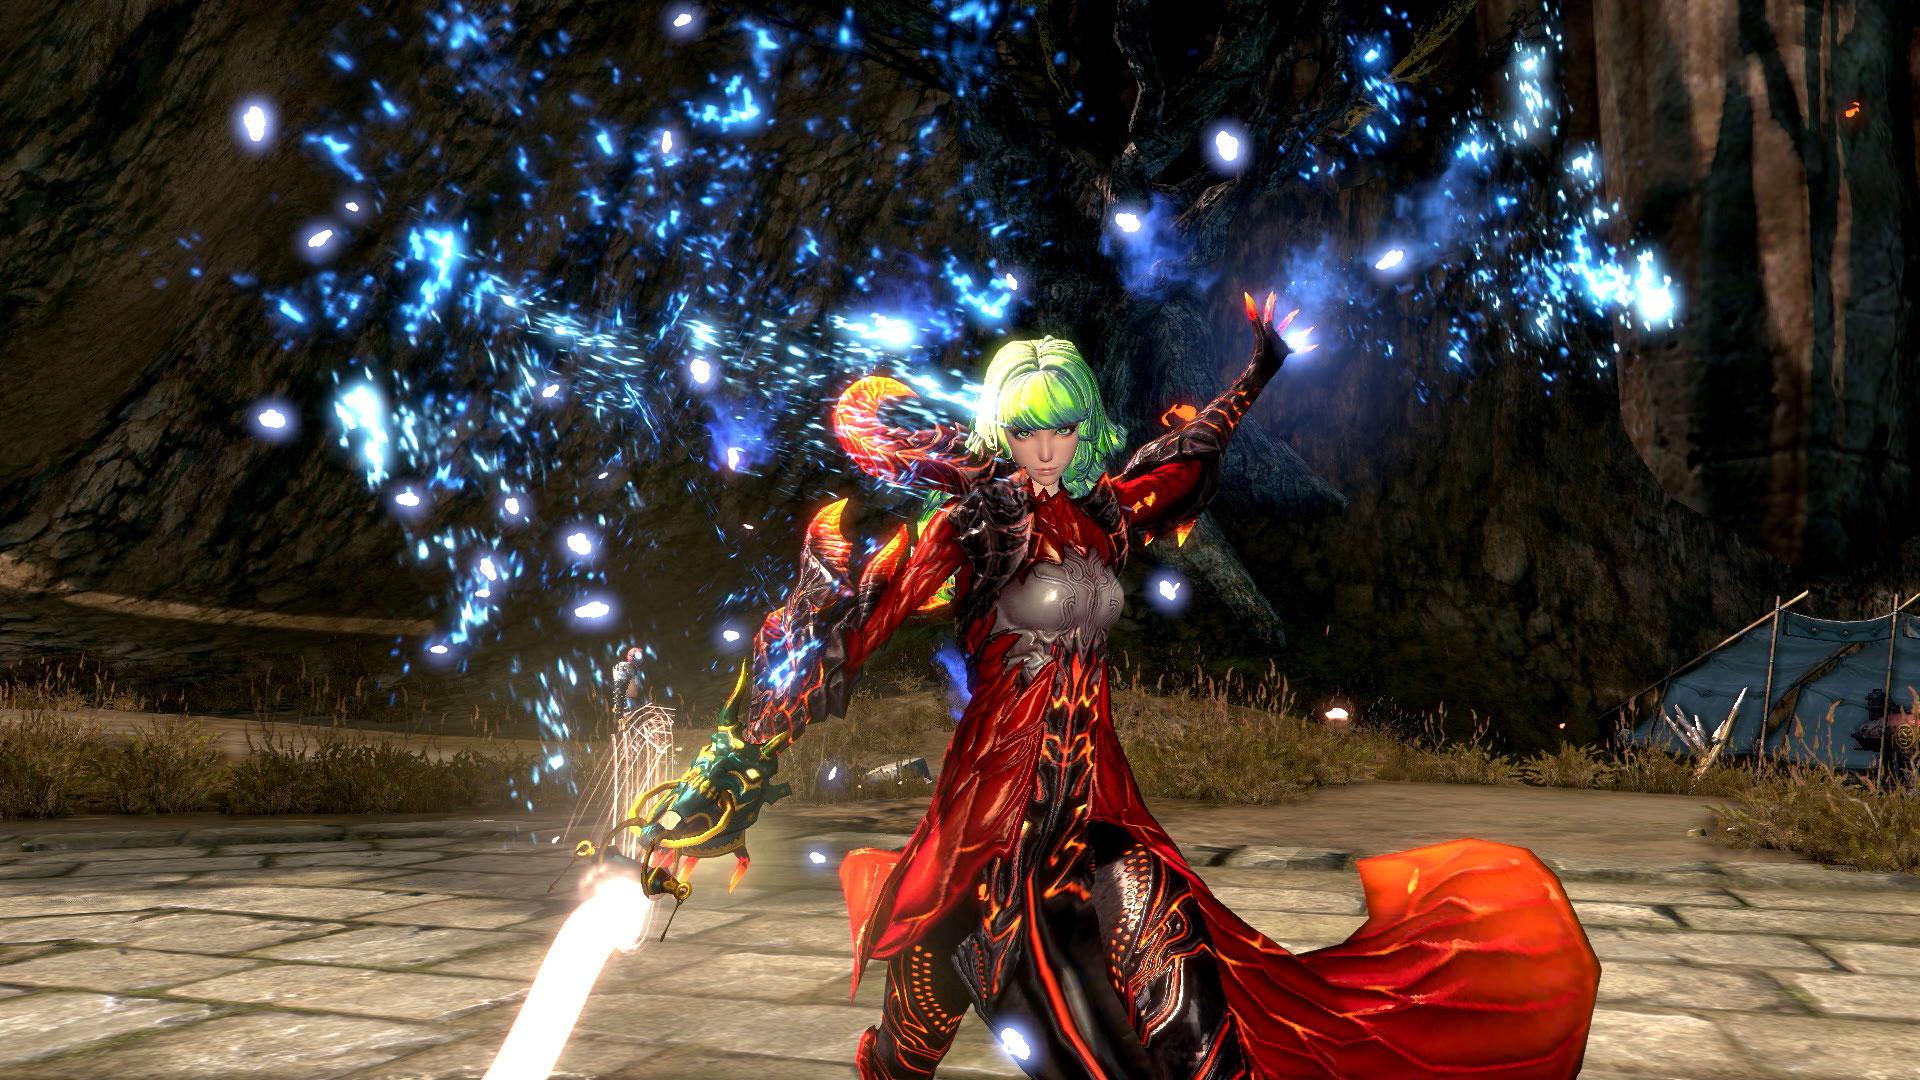 Обновление «Демонический театр» для MMORPG Blade and Soul получило точную дату выхода